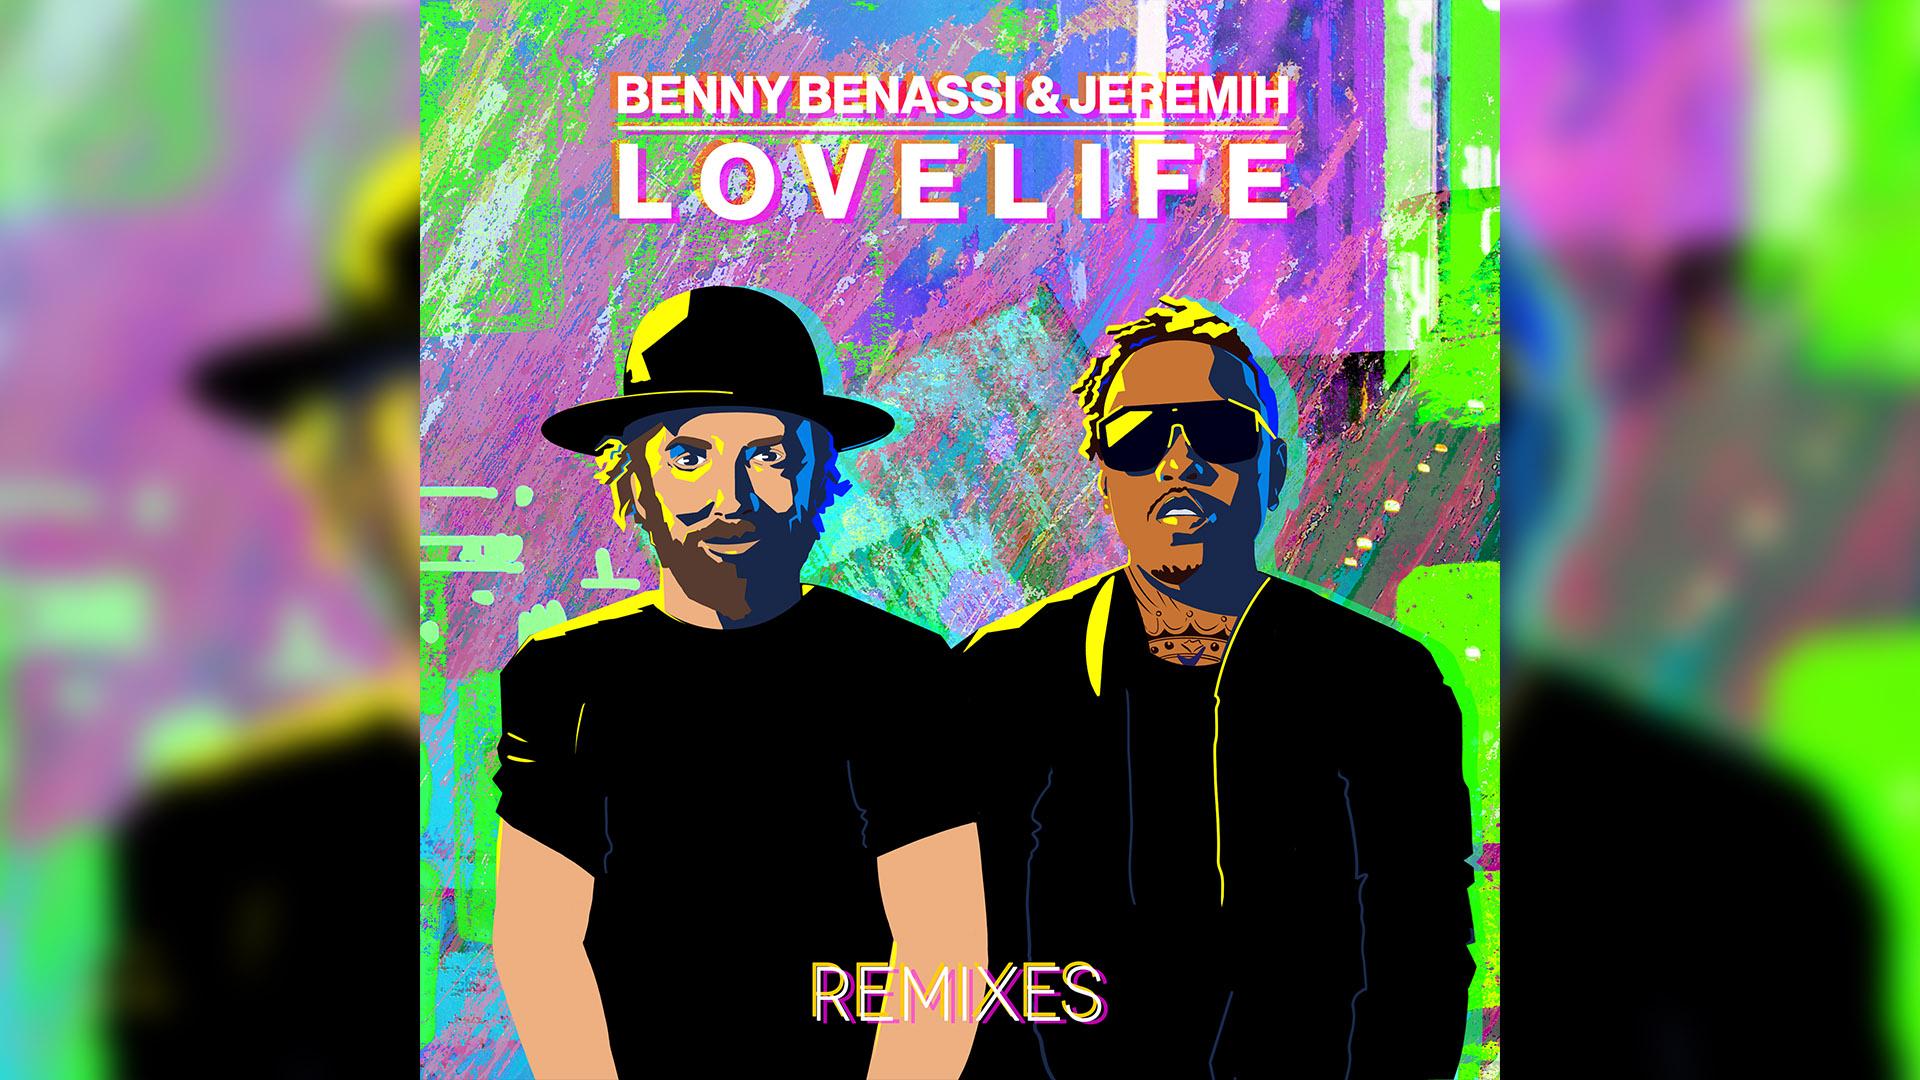 Lovelife Remixes